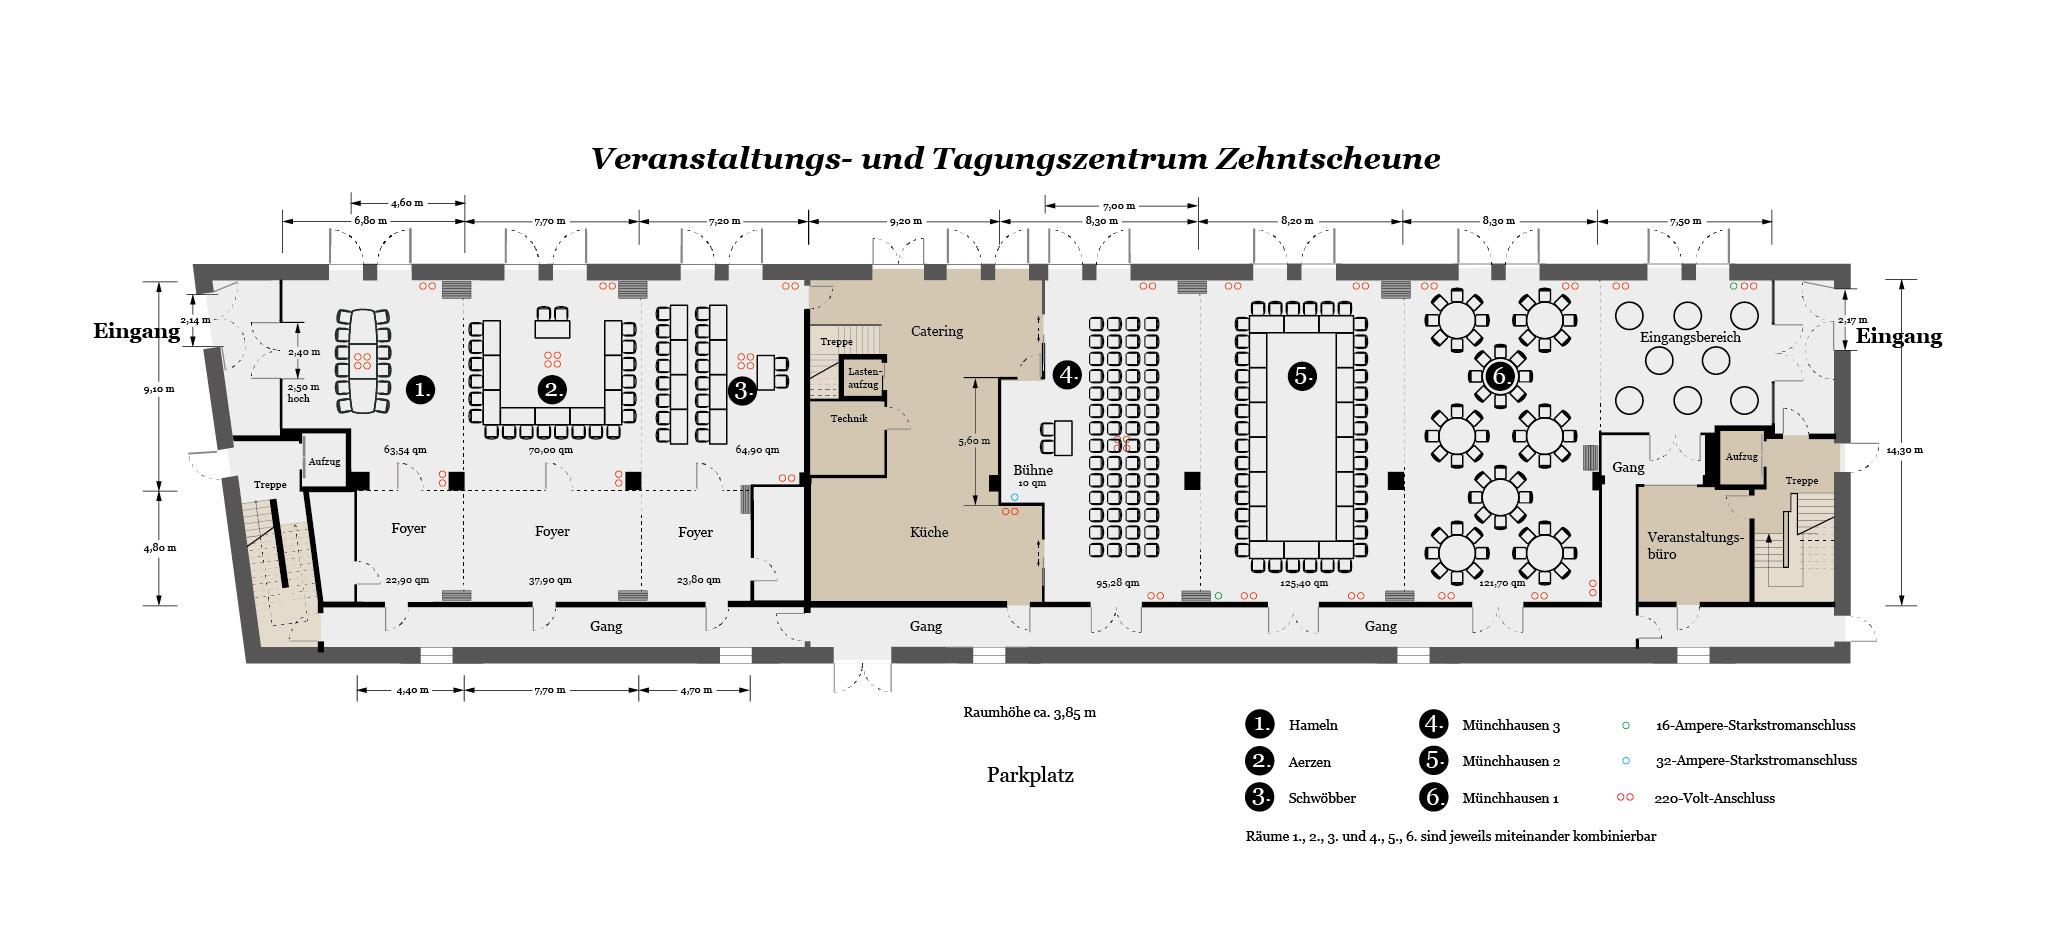 Zehntscheune-Uebersicht-Bestuhlung